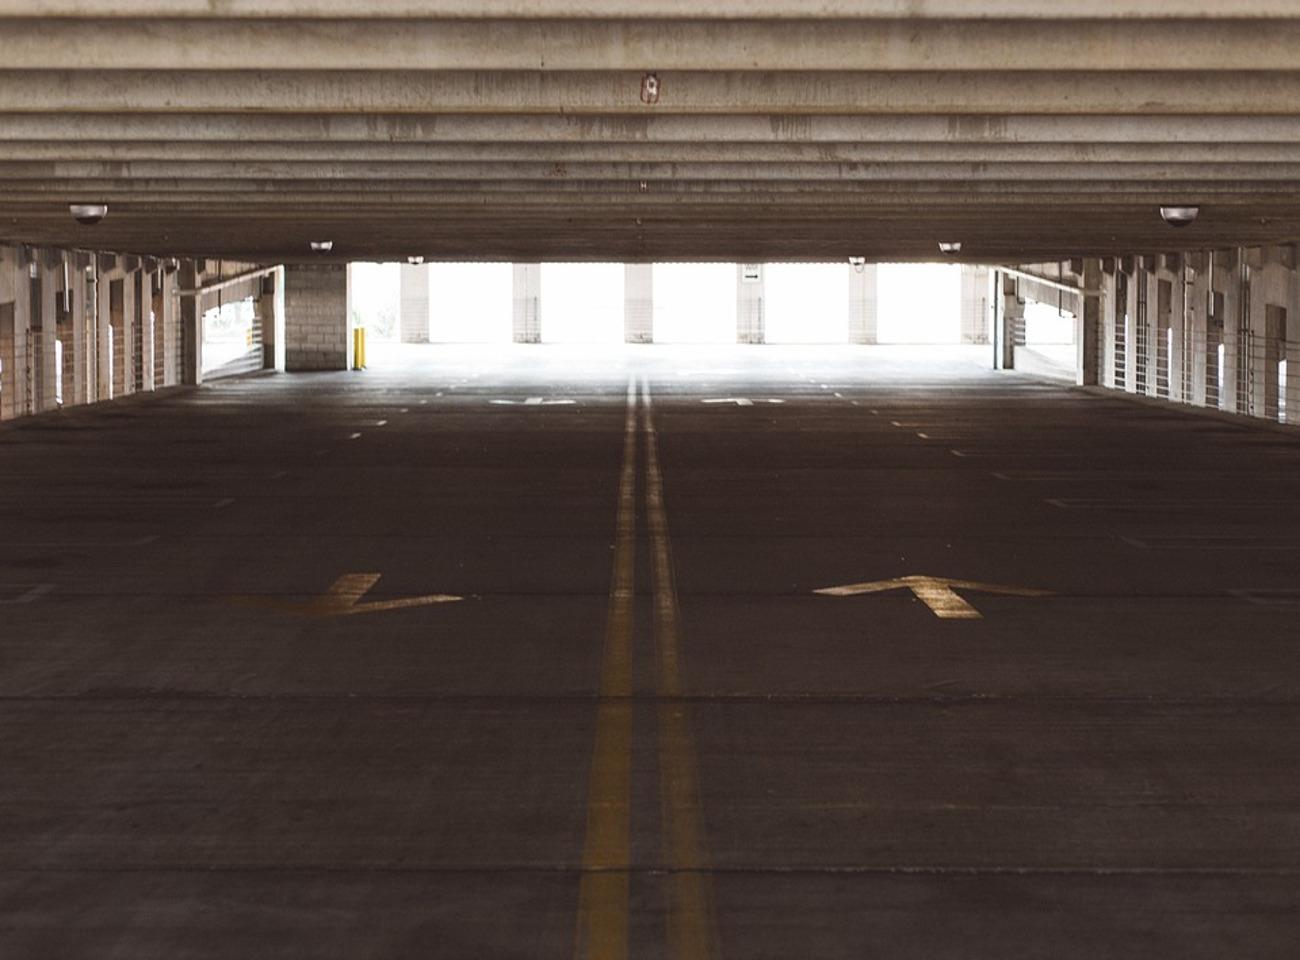 FACUA reclama a Empark que arregle la barrera del aparcamiento del aeropuerto de San Sebastián